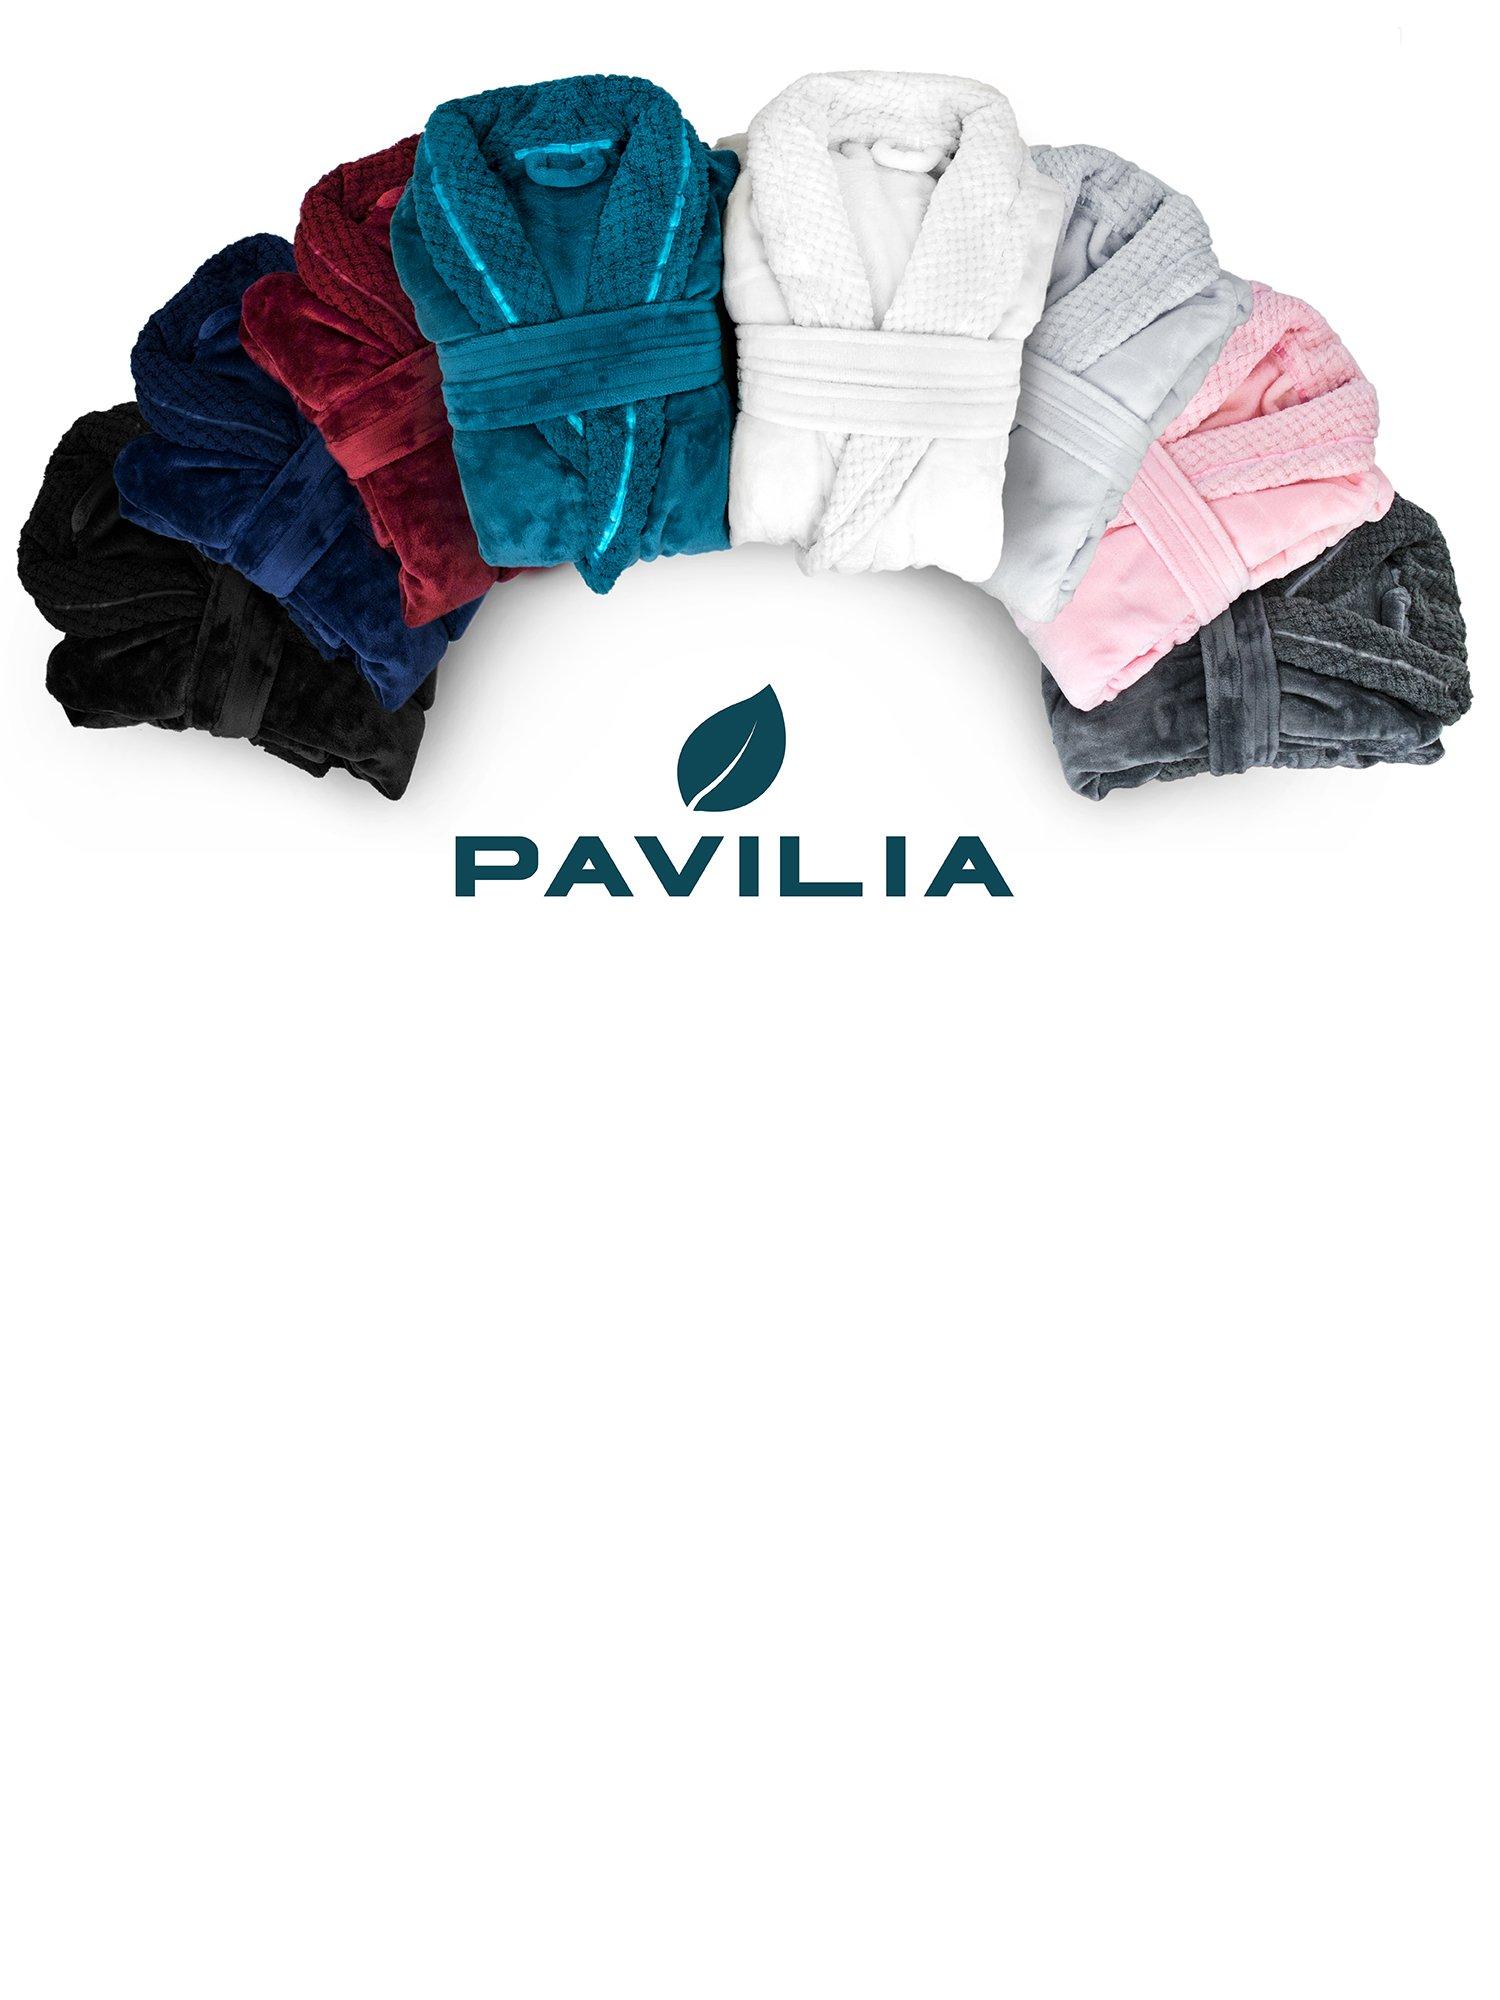 Deluxe Women Fleece Robe with Satin Trim | Luxurious Plush Spa Bathrobe Waffle Design by PAVILIA (Image #8)